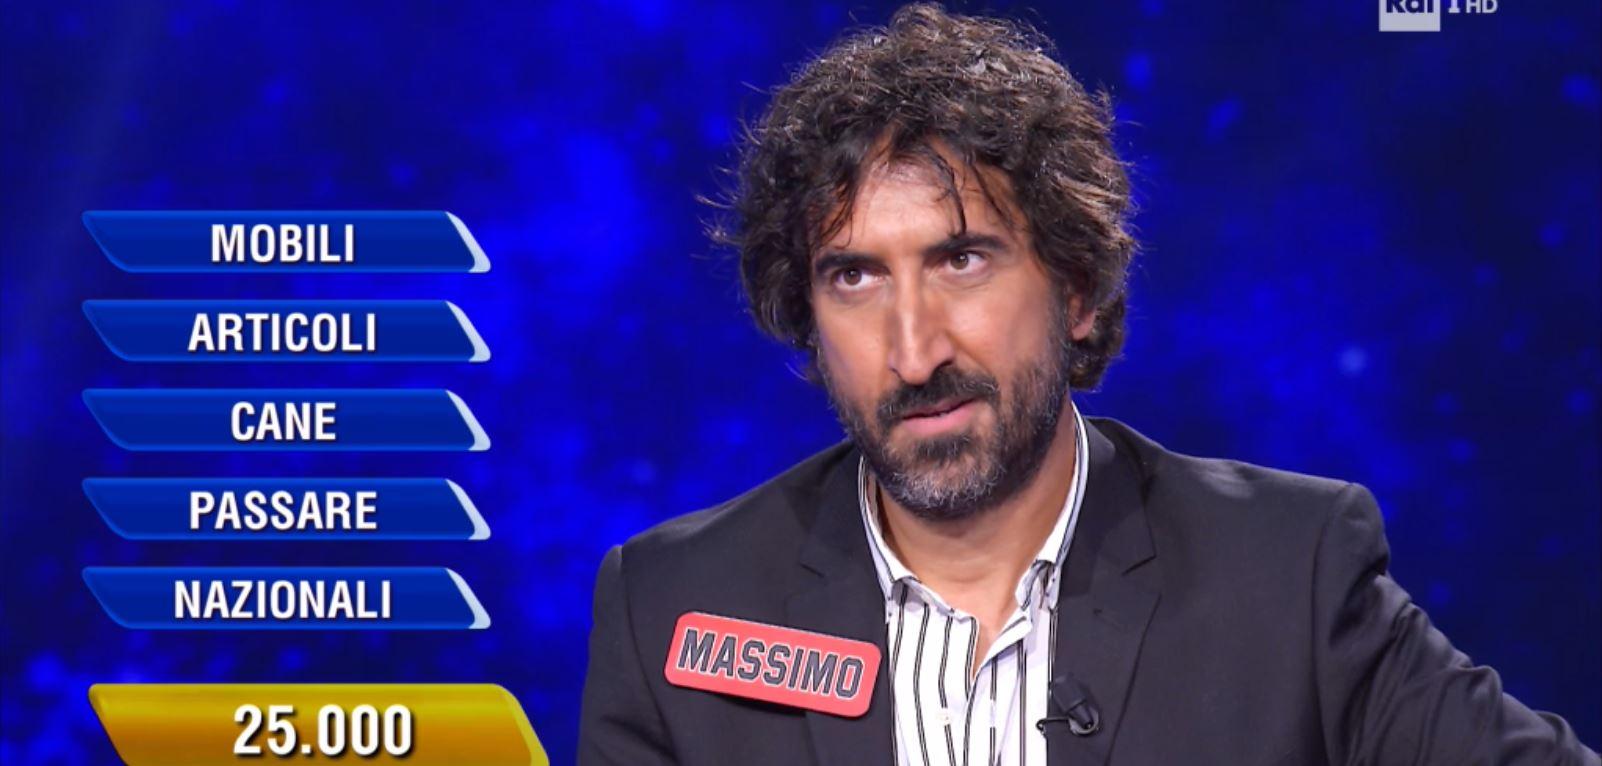 L'Eredità Massimo Cannoletta quanto ha vinto